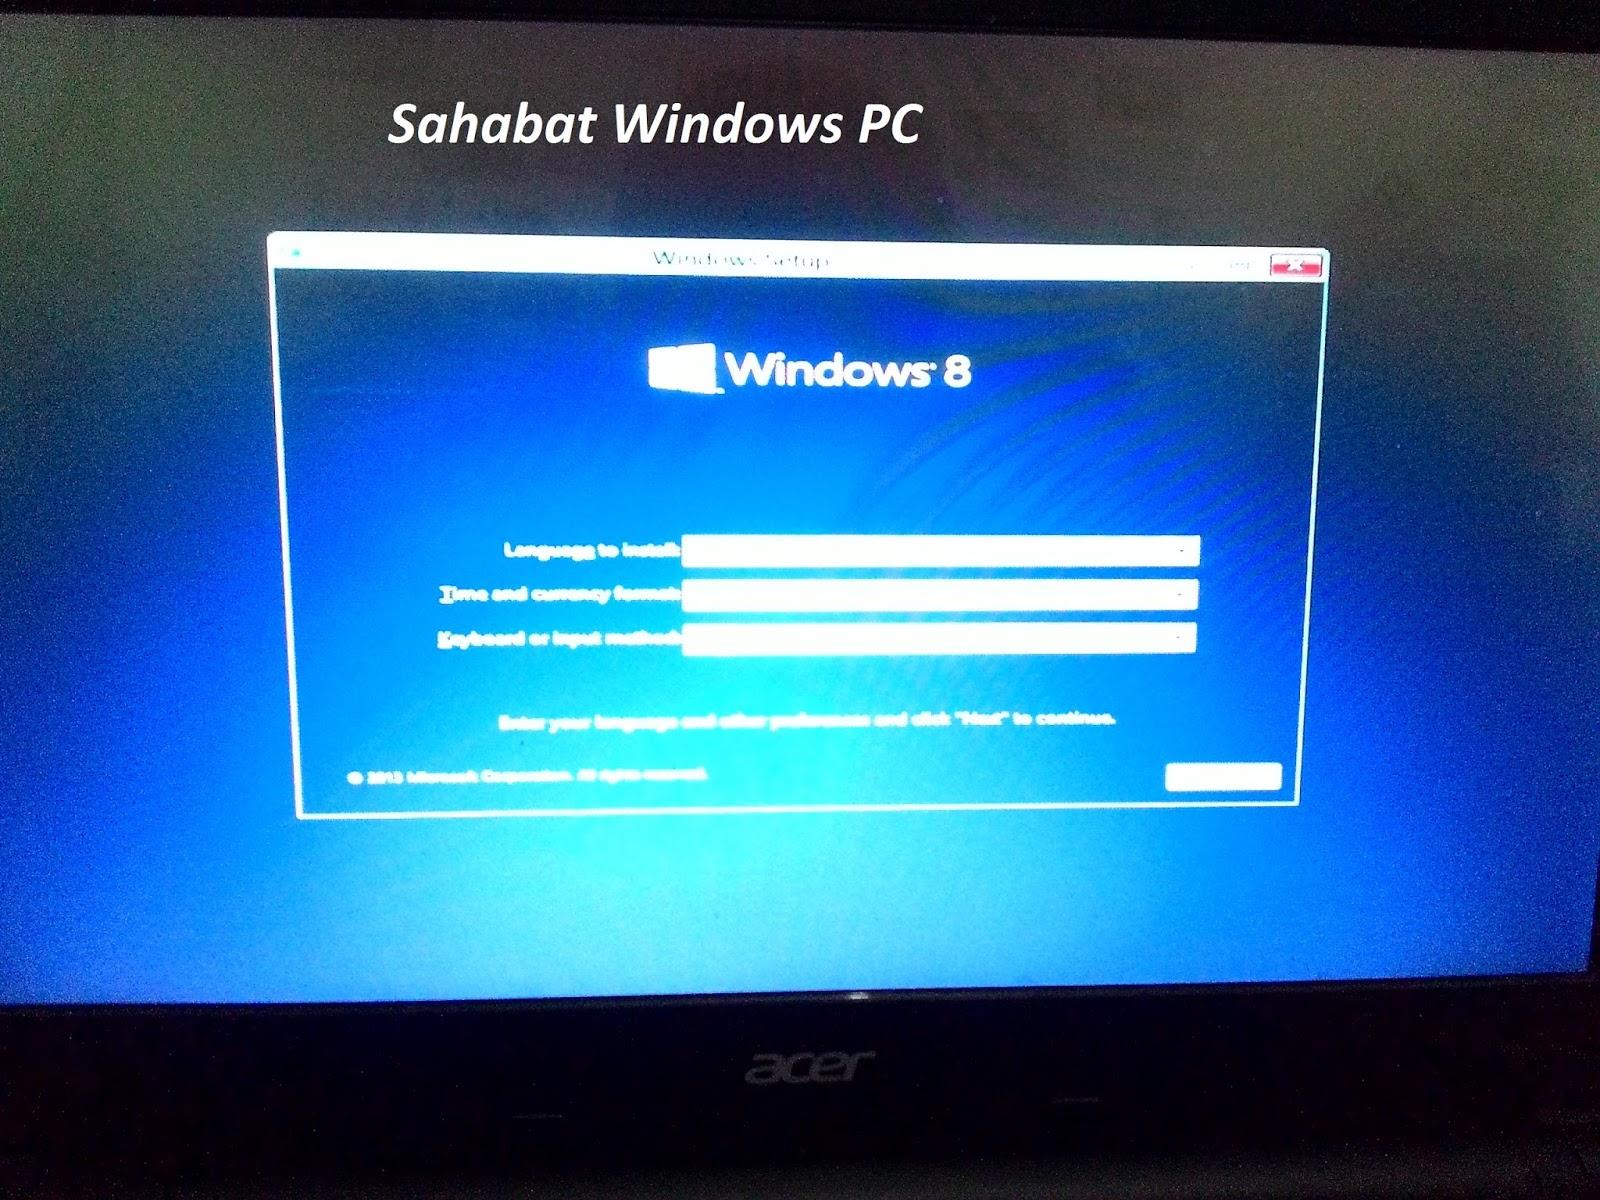 Sahabat Windows Pc Cara Mengatasi Touchpad Keyboard Tidak Muncul